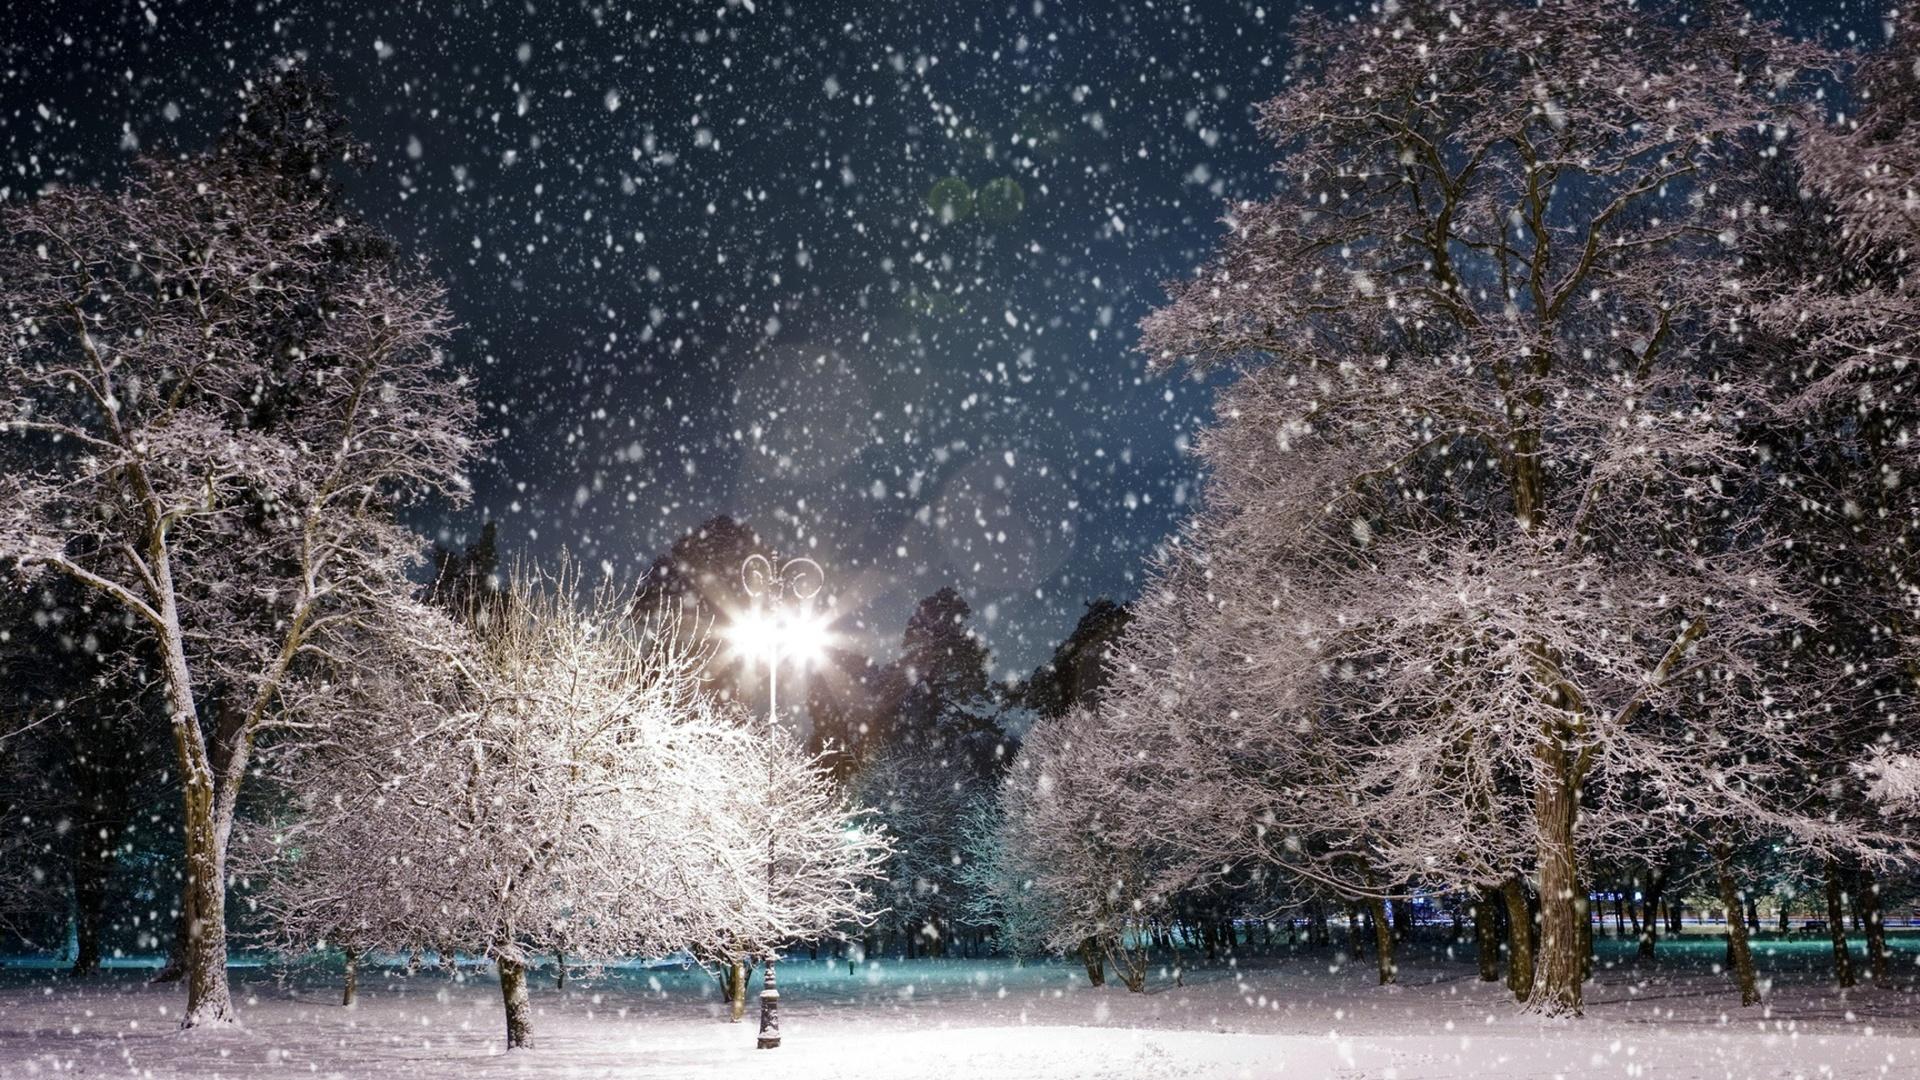 извилистая картинки снежная погода приехали этом